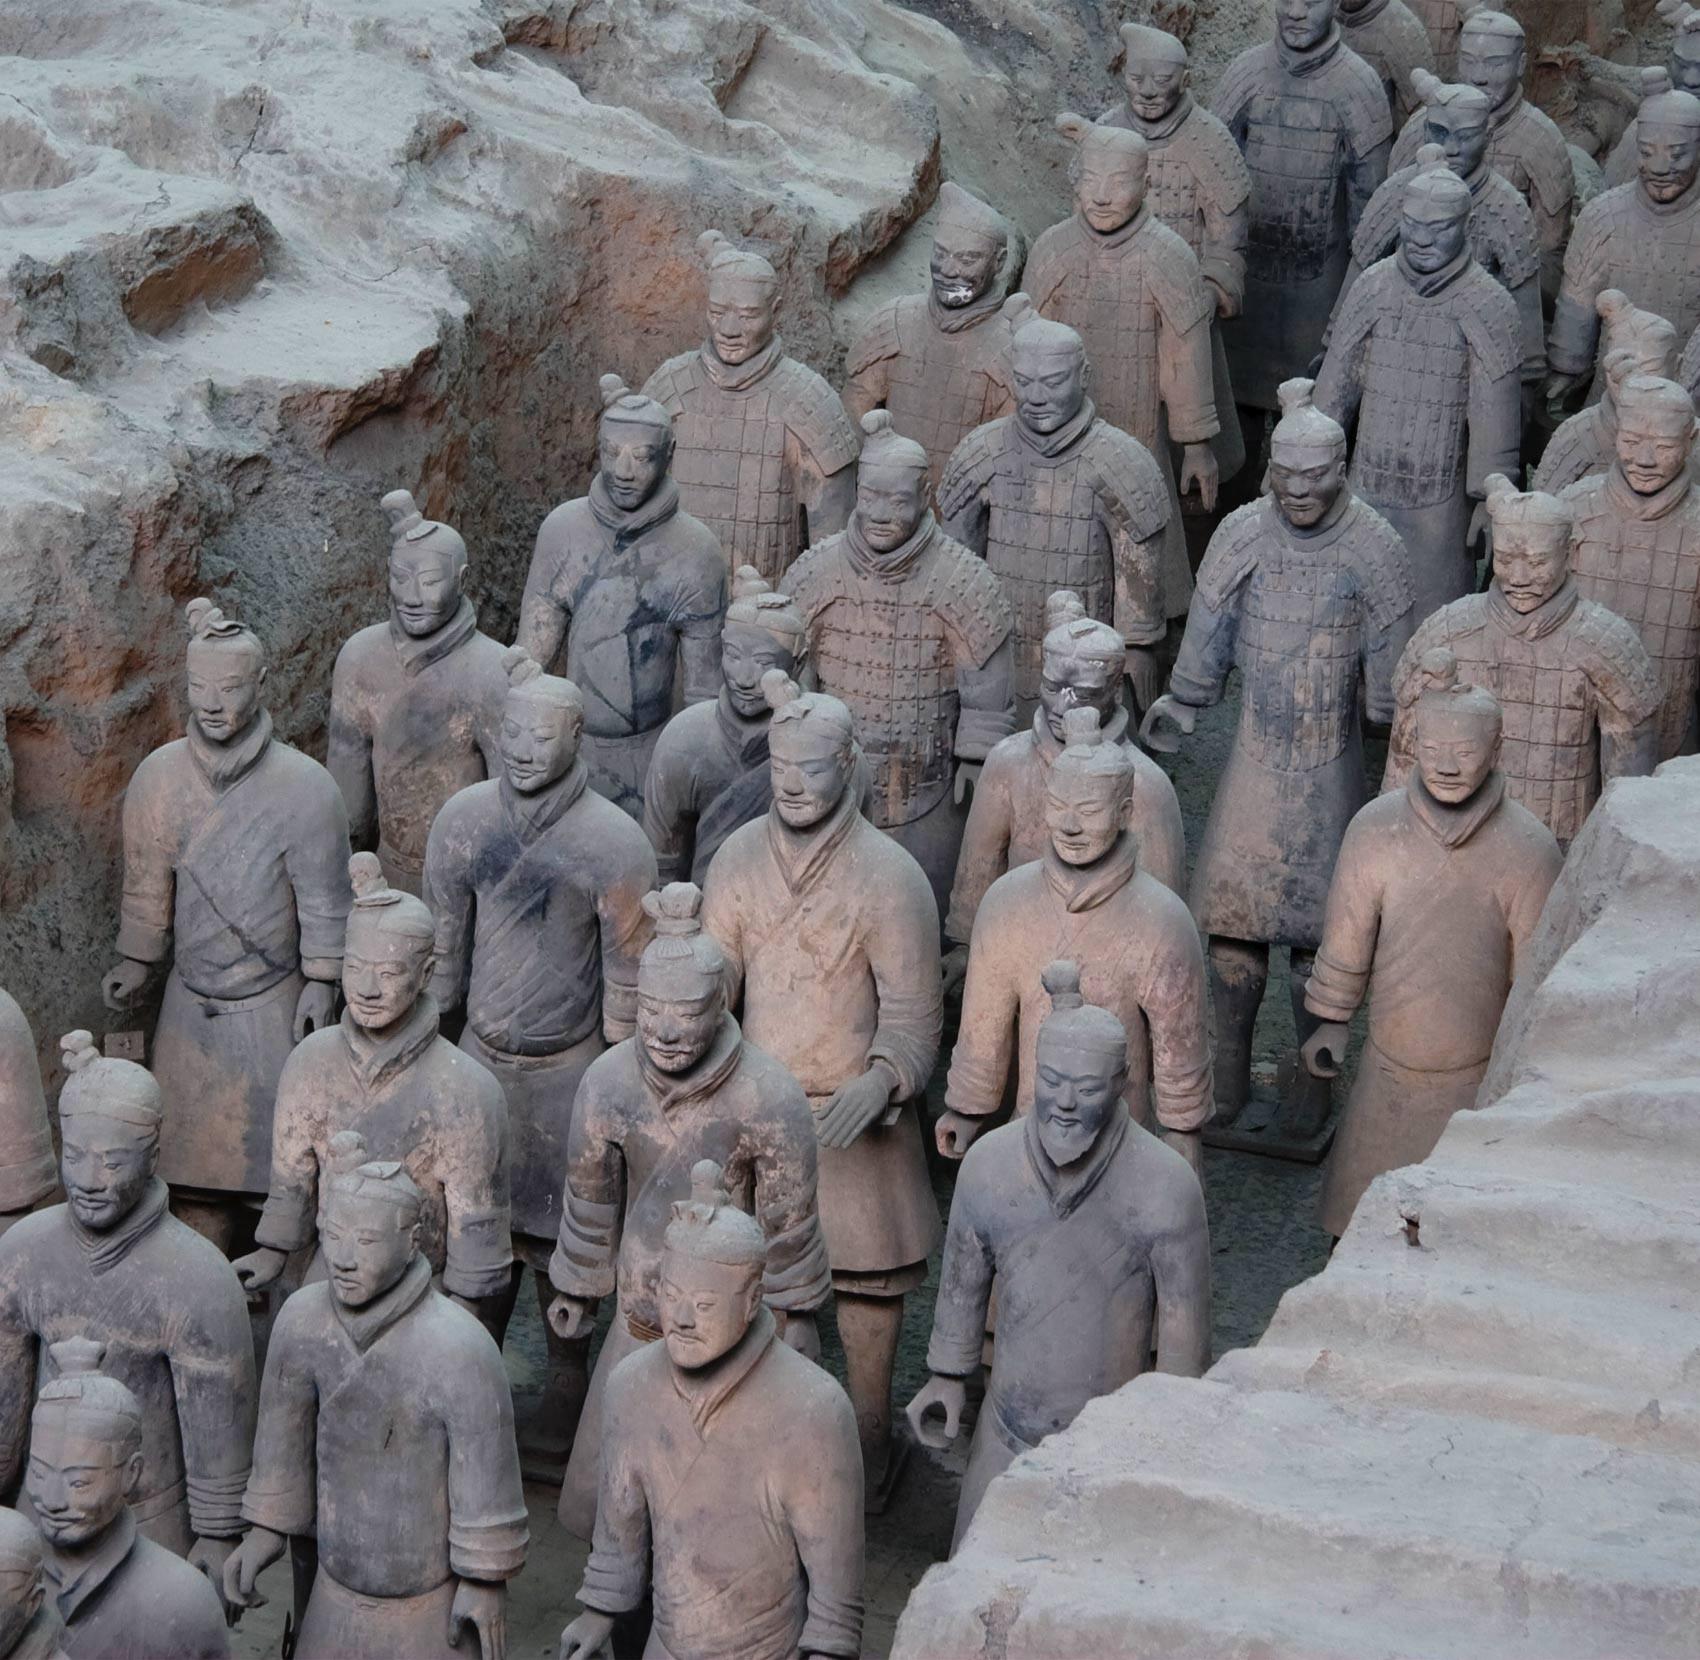 Exército de Terracota em Xian, na China (Foto: Maros M r a z/Wikimedia/Creative Commons)